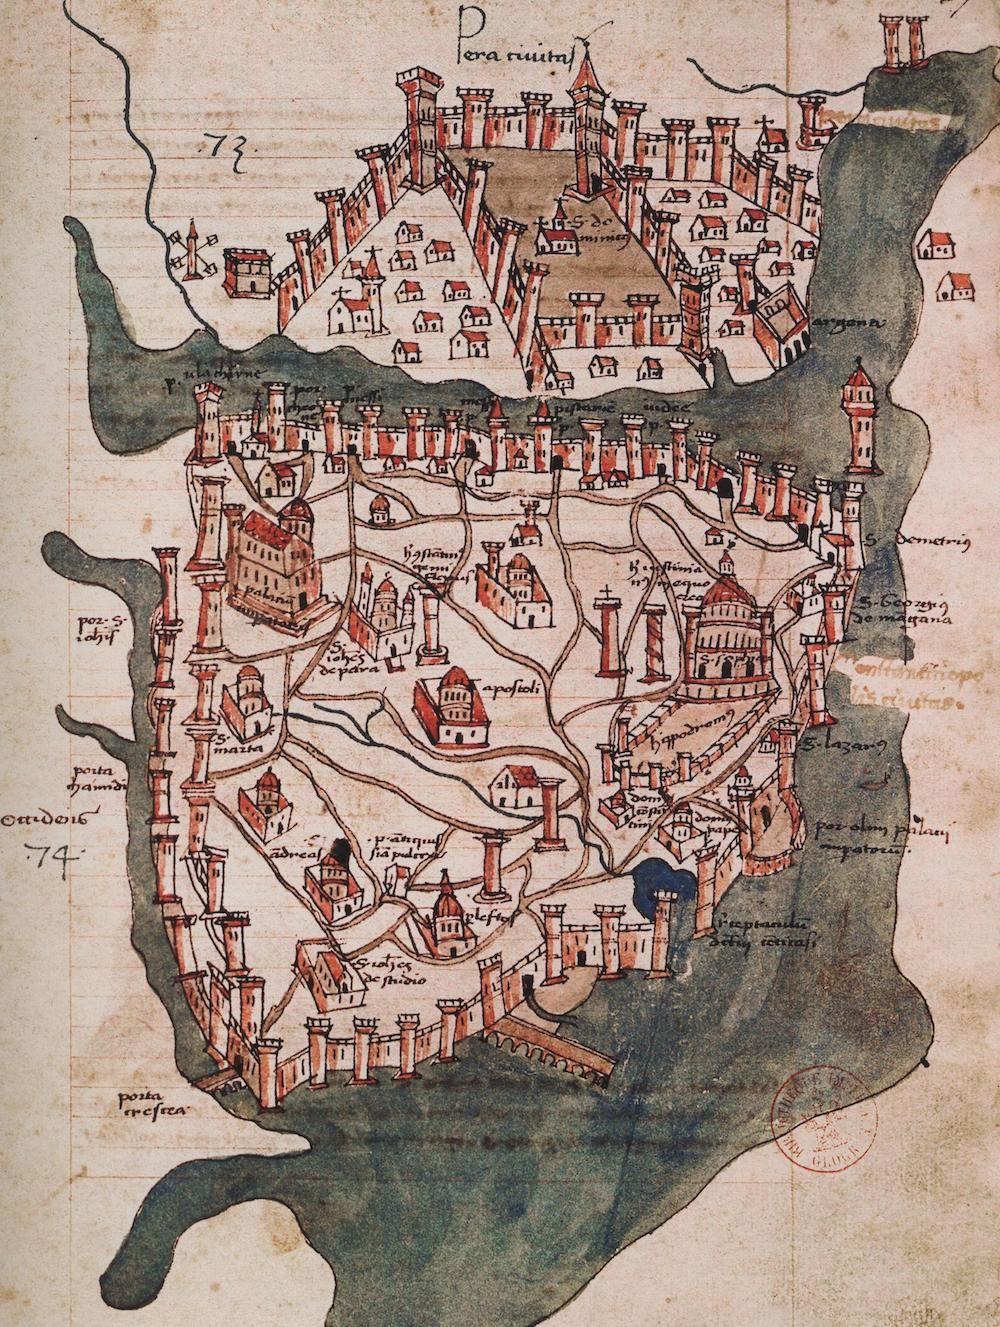 Fonte: C. Buondelmonti, Pianta di Costantinopoli, copia posteriore non datata dall'originale del 1417 ca.